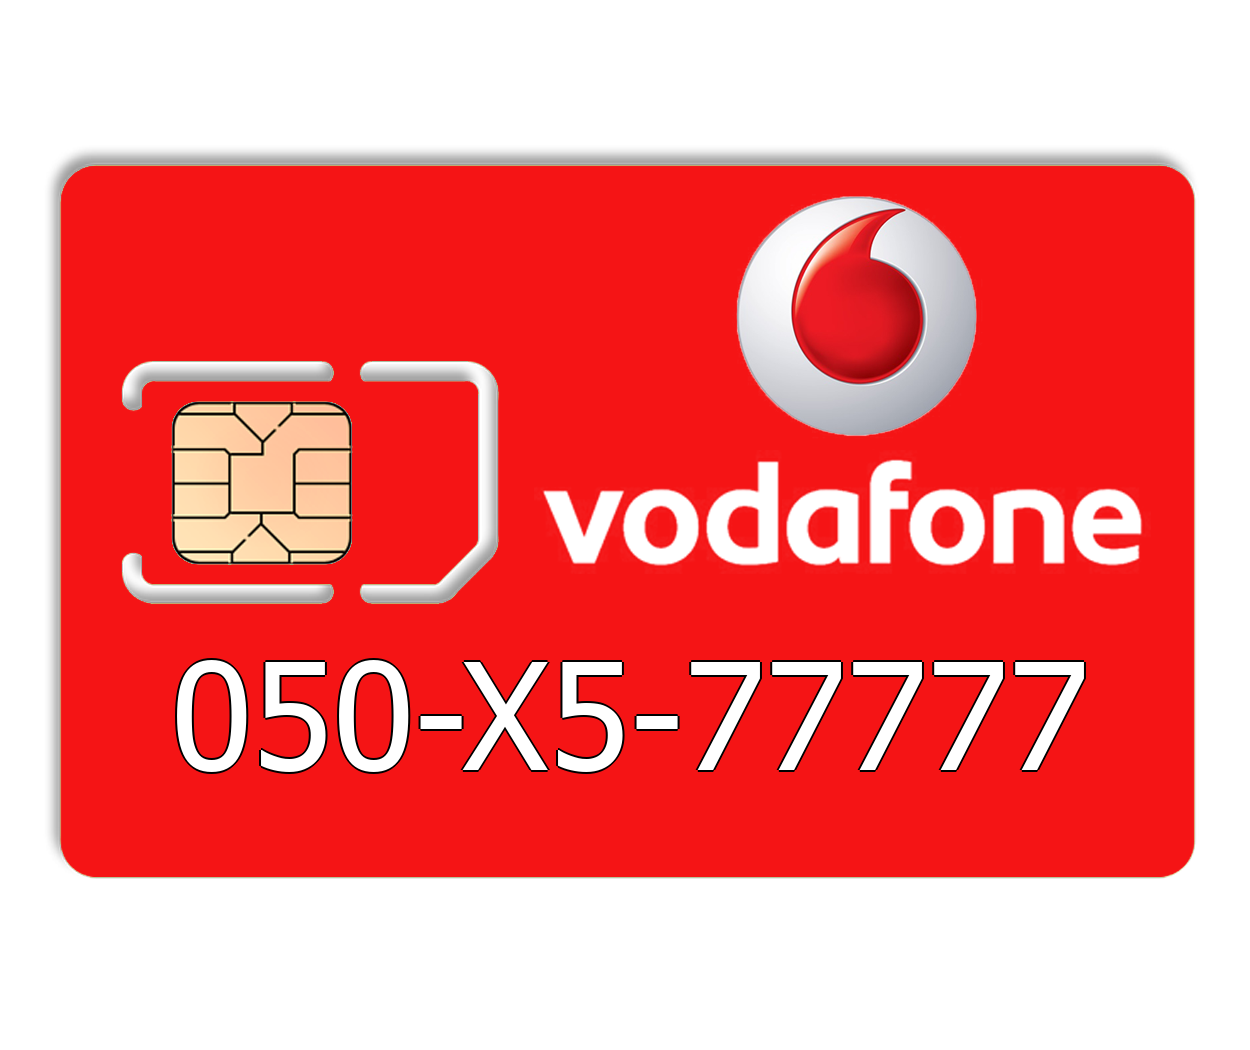 Красивый номер Vodafone 050-X5-77777